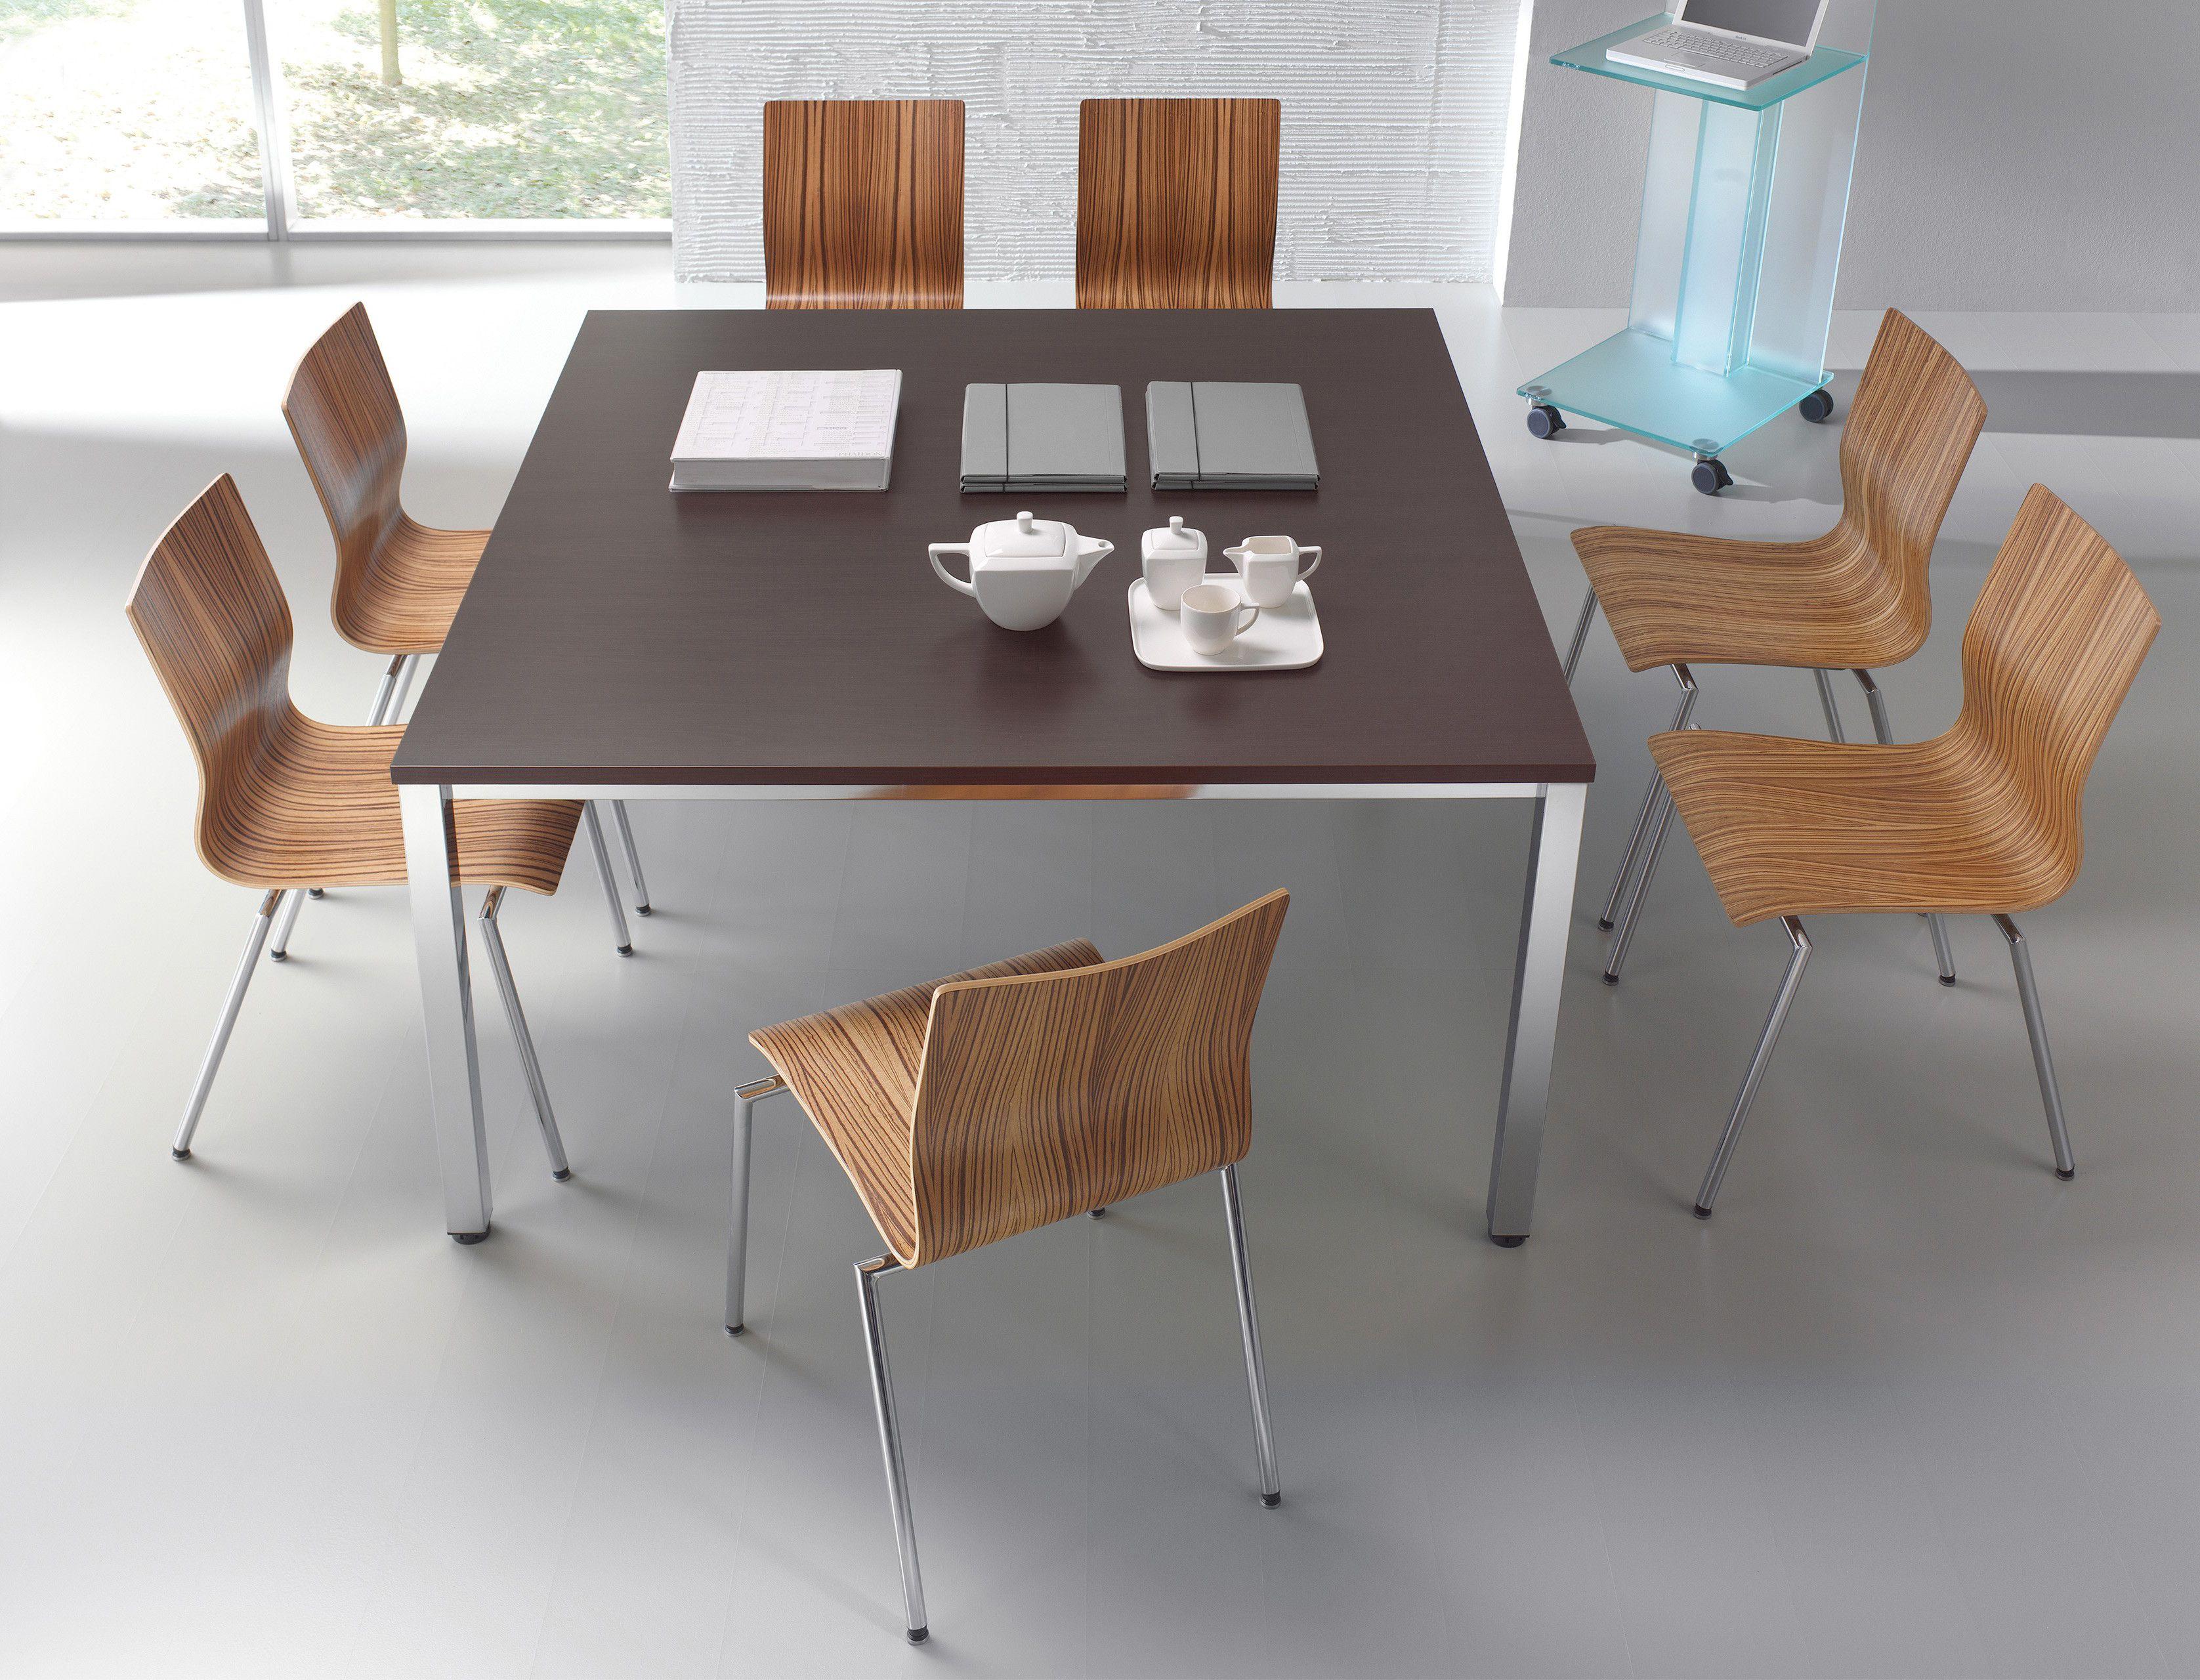 e10 von bn office solution konferenztisch f r 8 personen working space pinterest. Black Bedroom Furniture Sets. Home Design Ideas